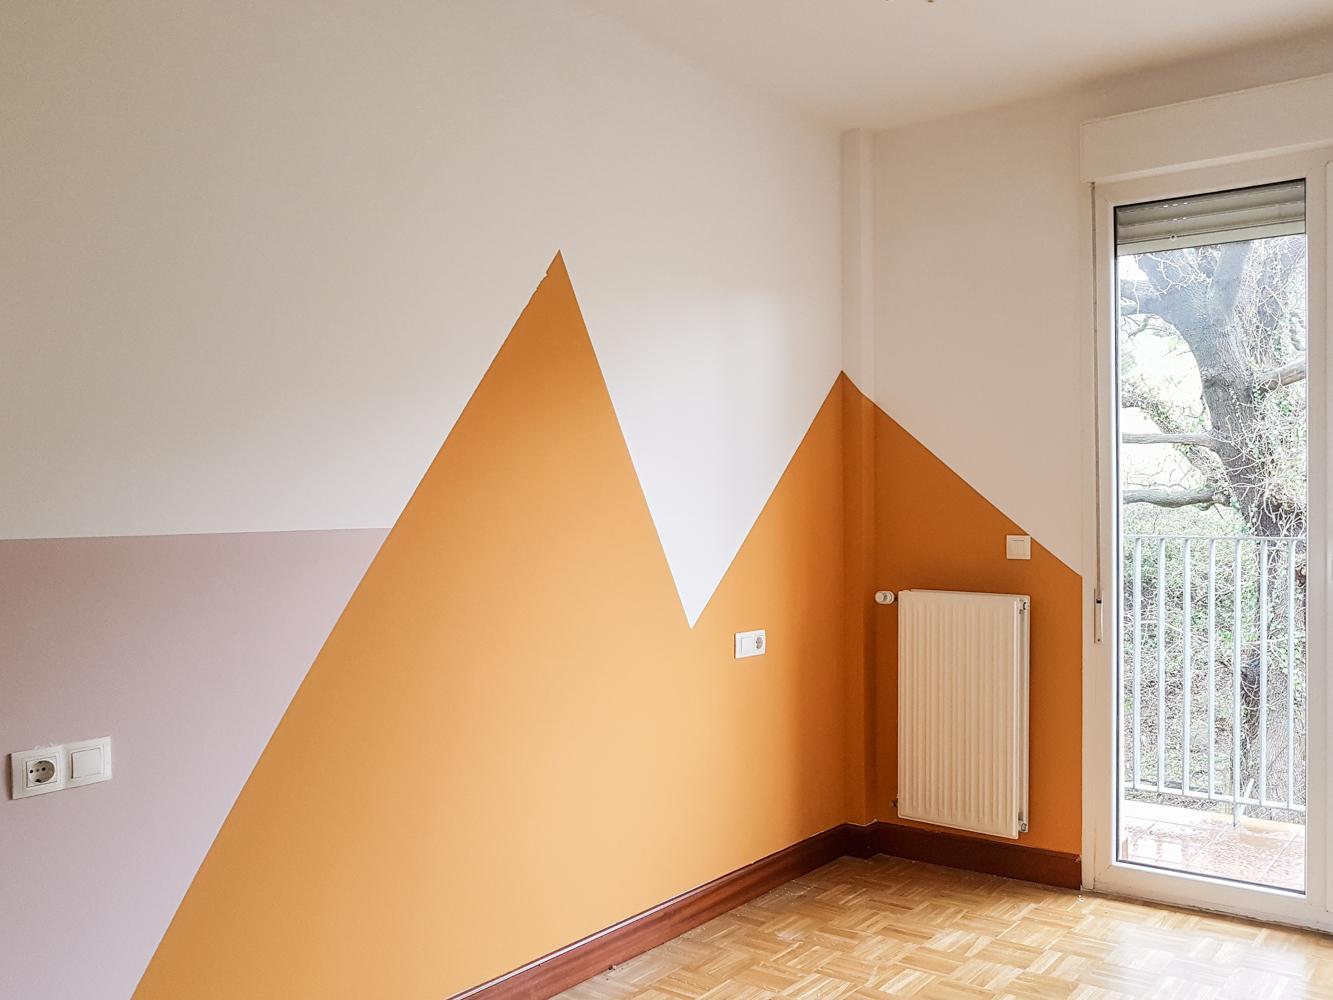 Como pintar una habitacin infantil con formas geomtricas